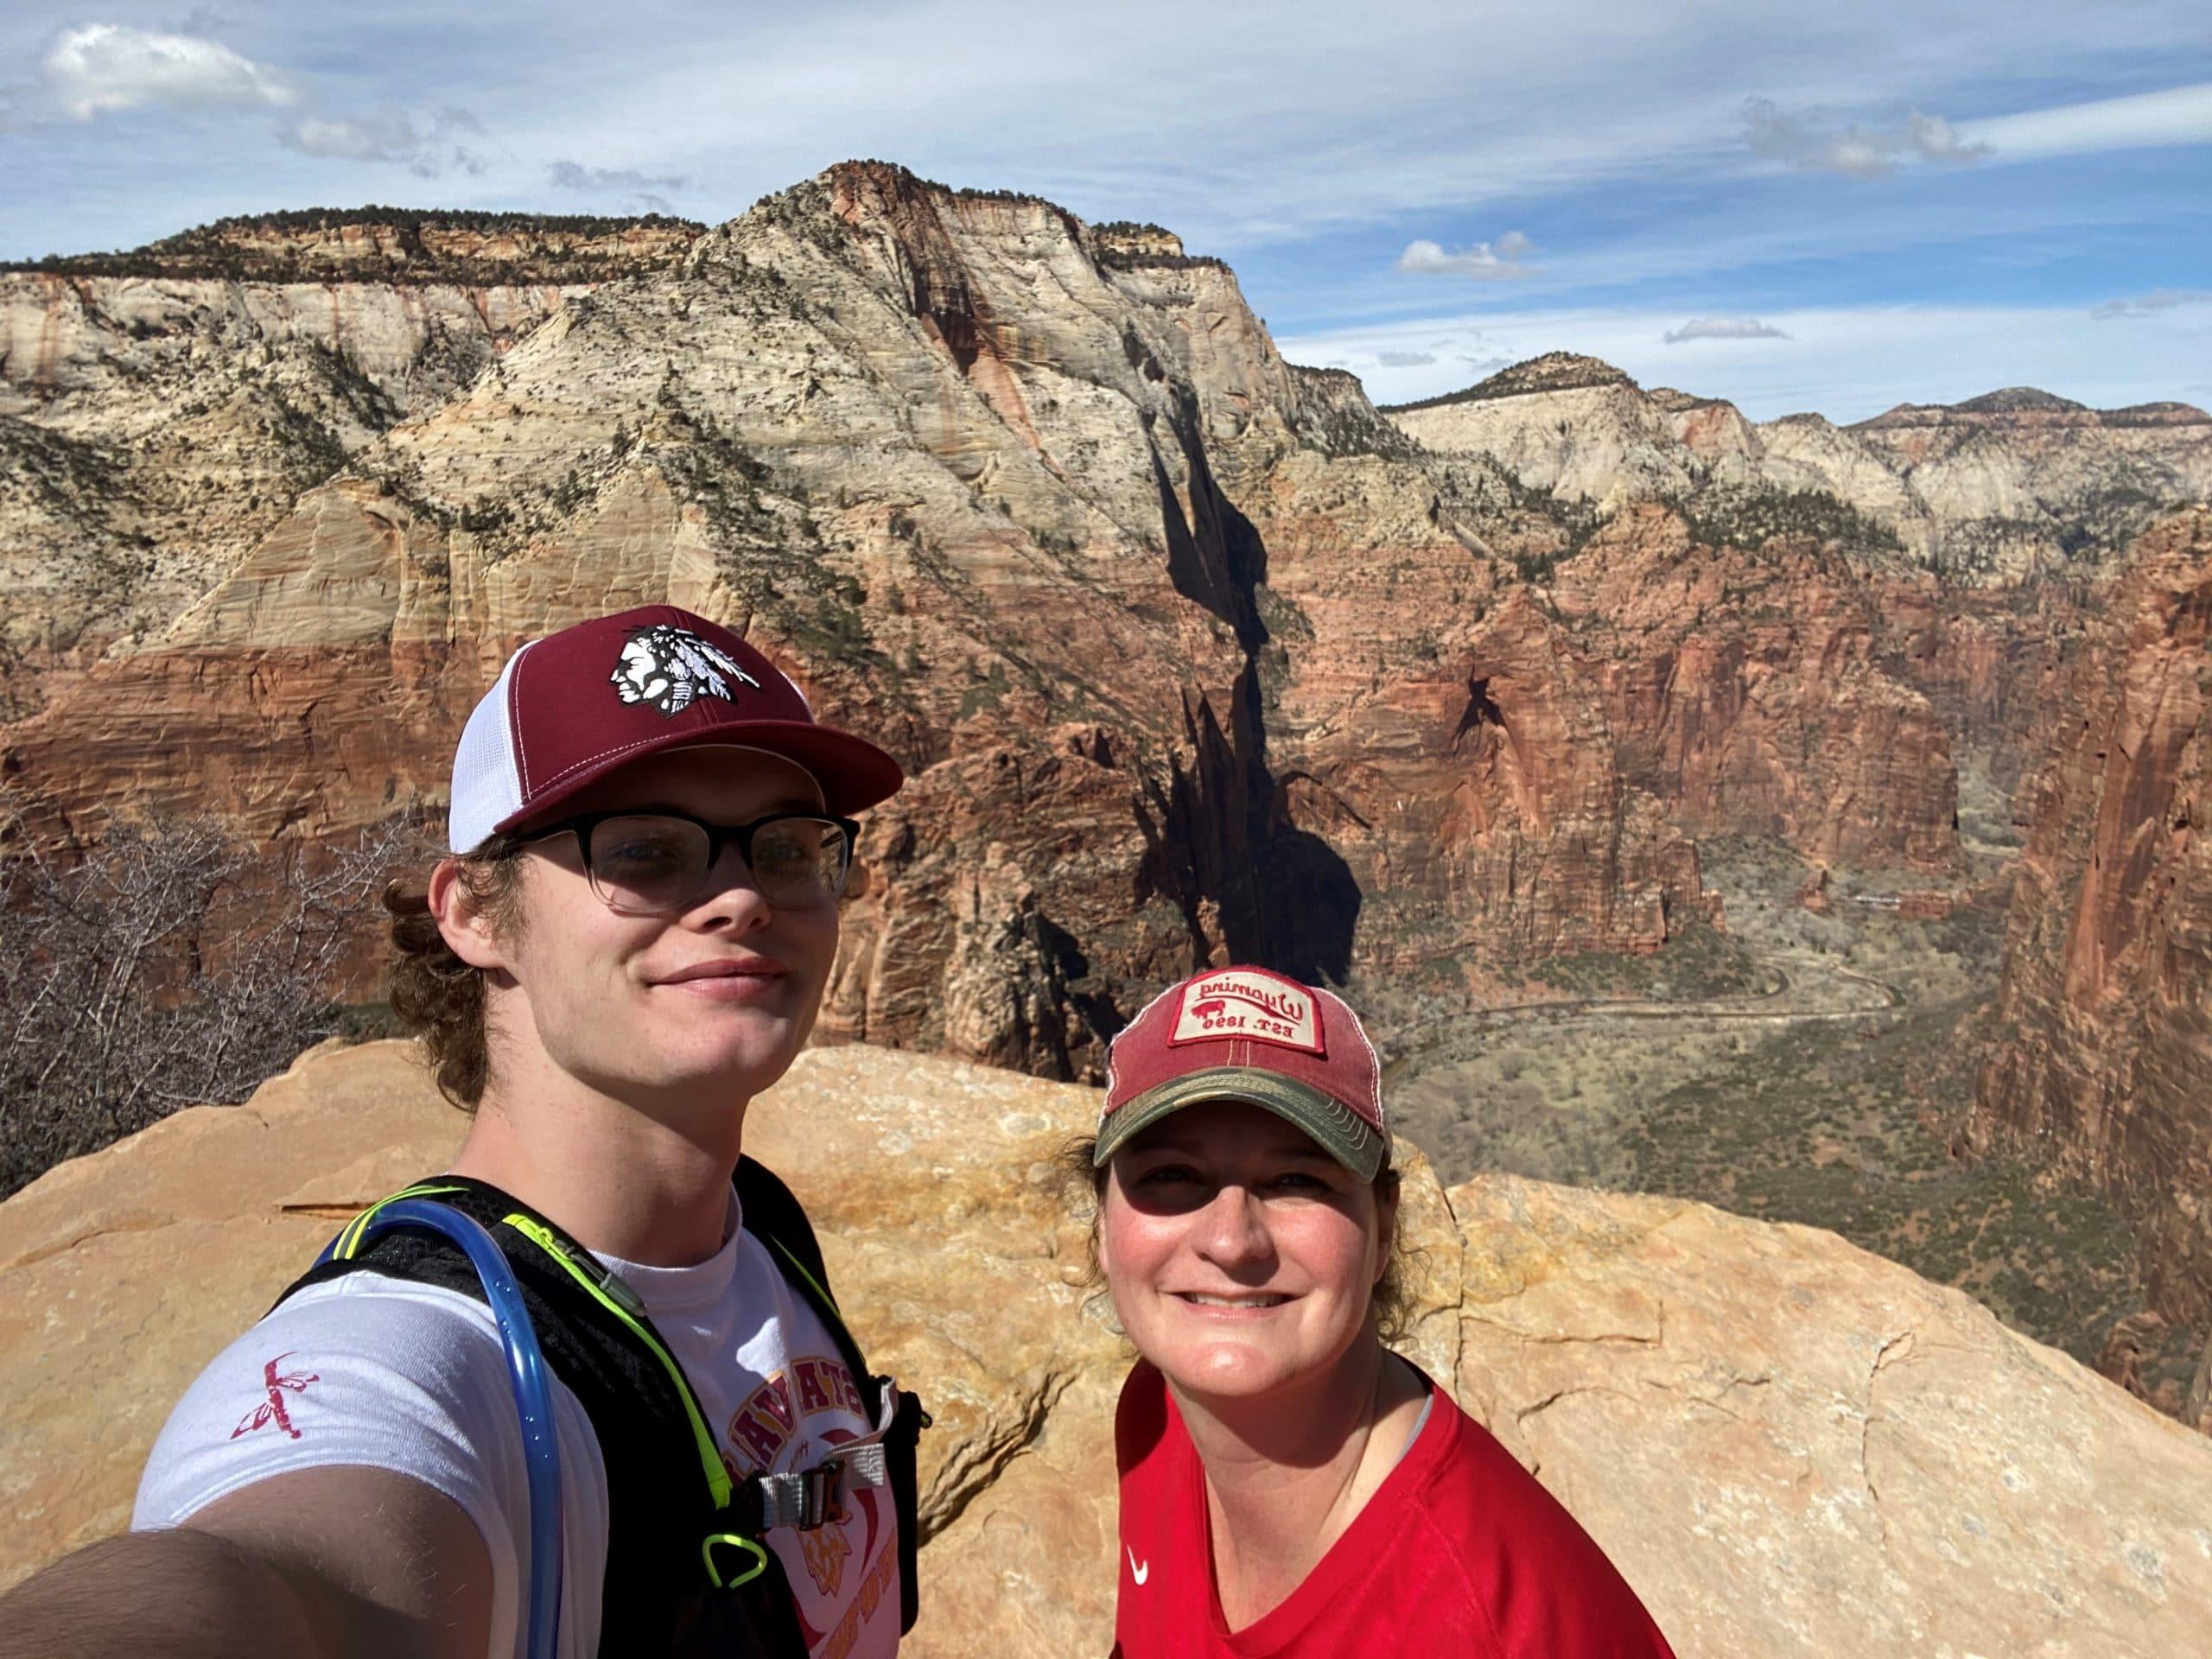 Hiking with my son Alek in Utah